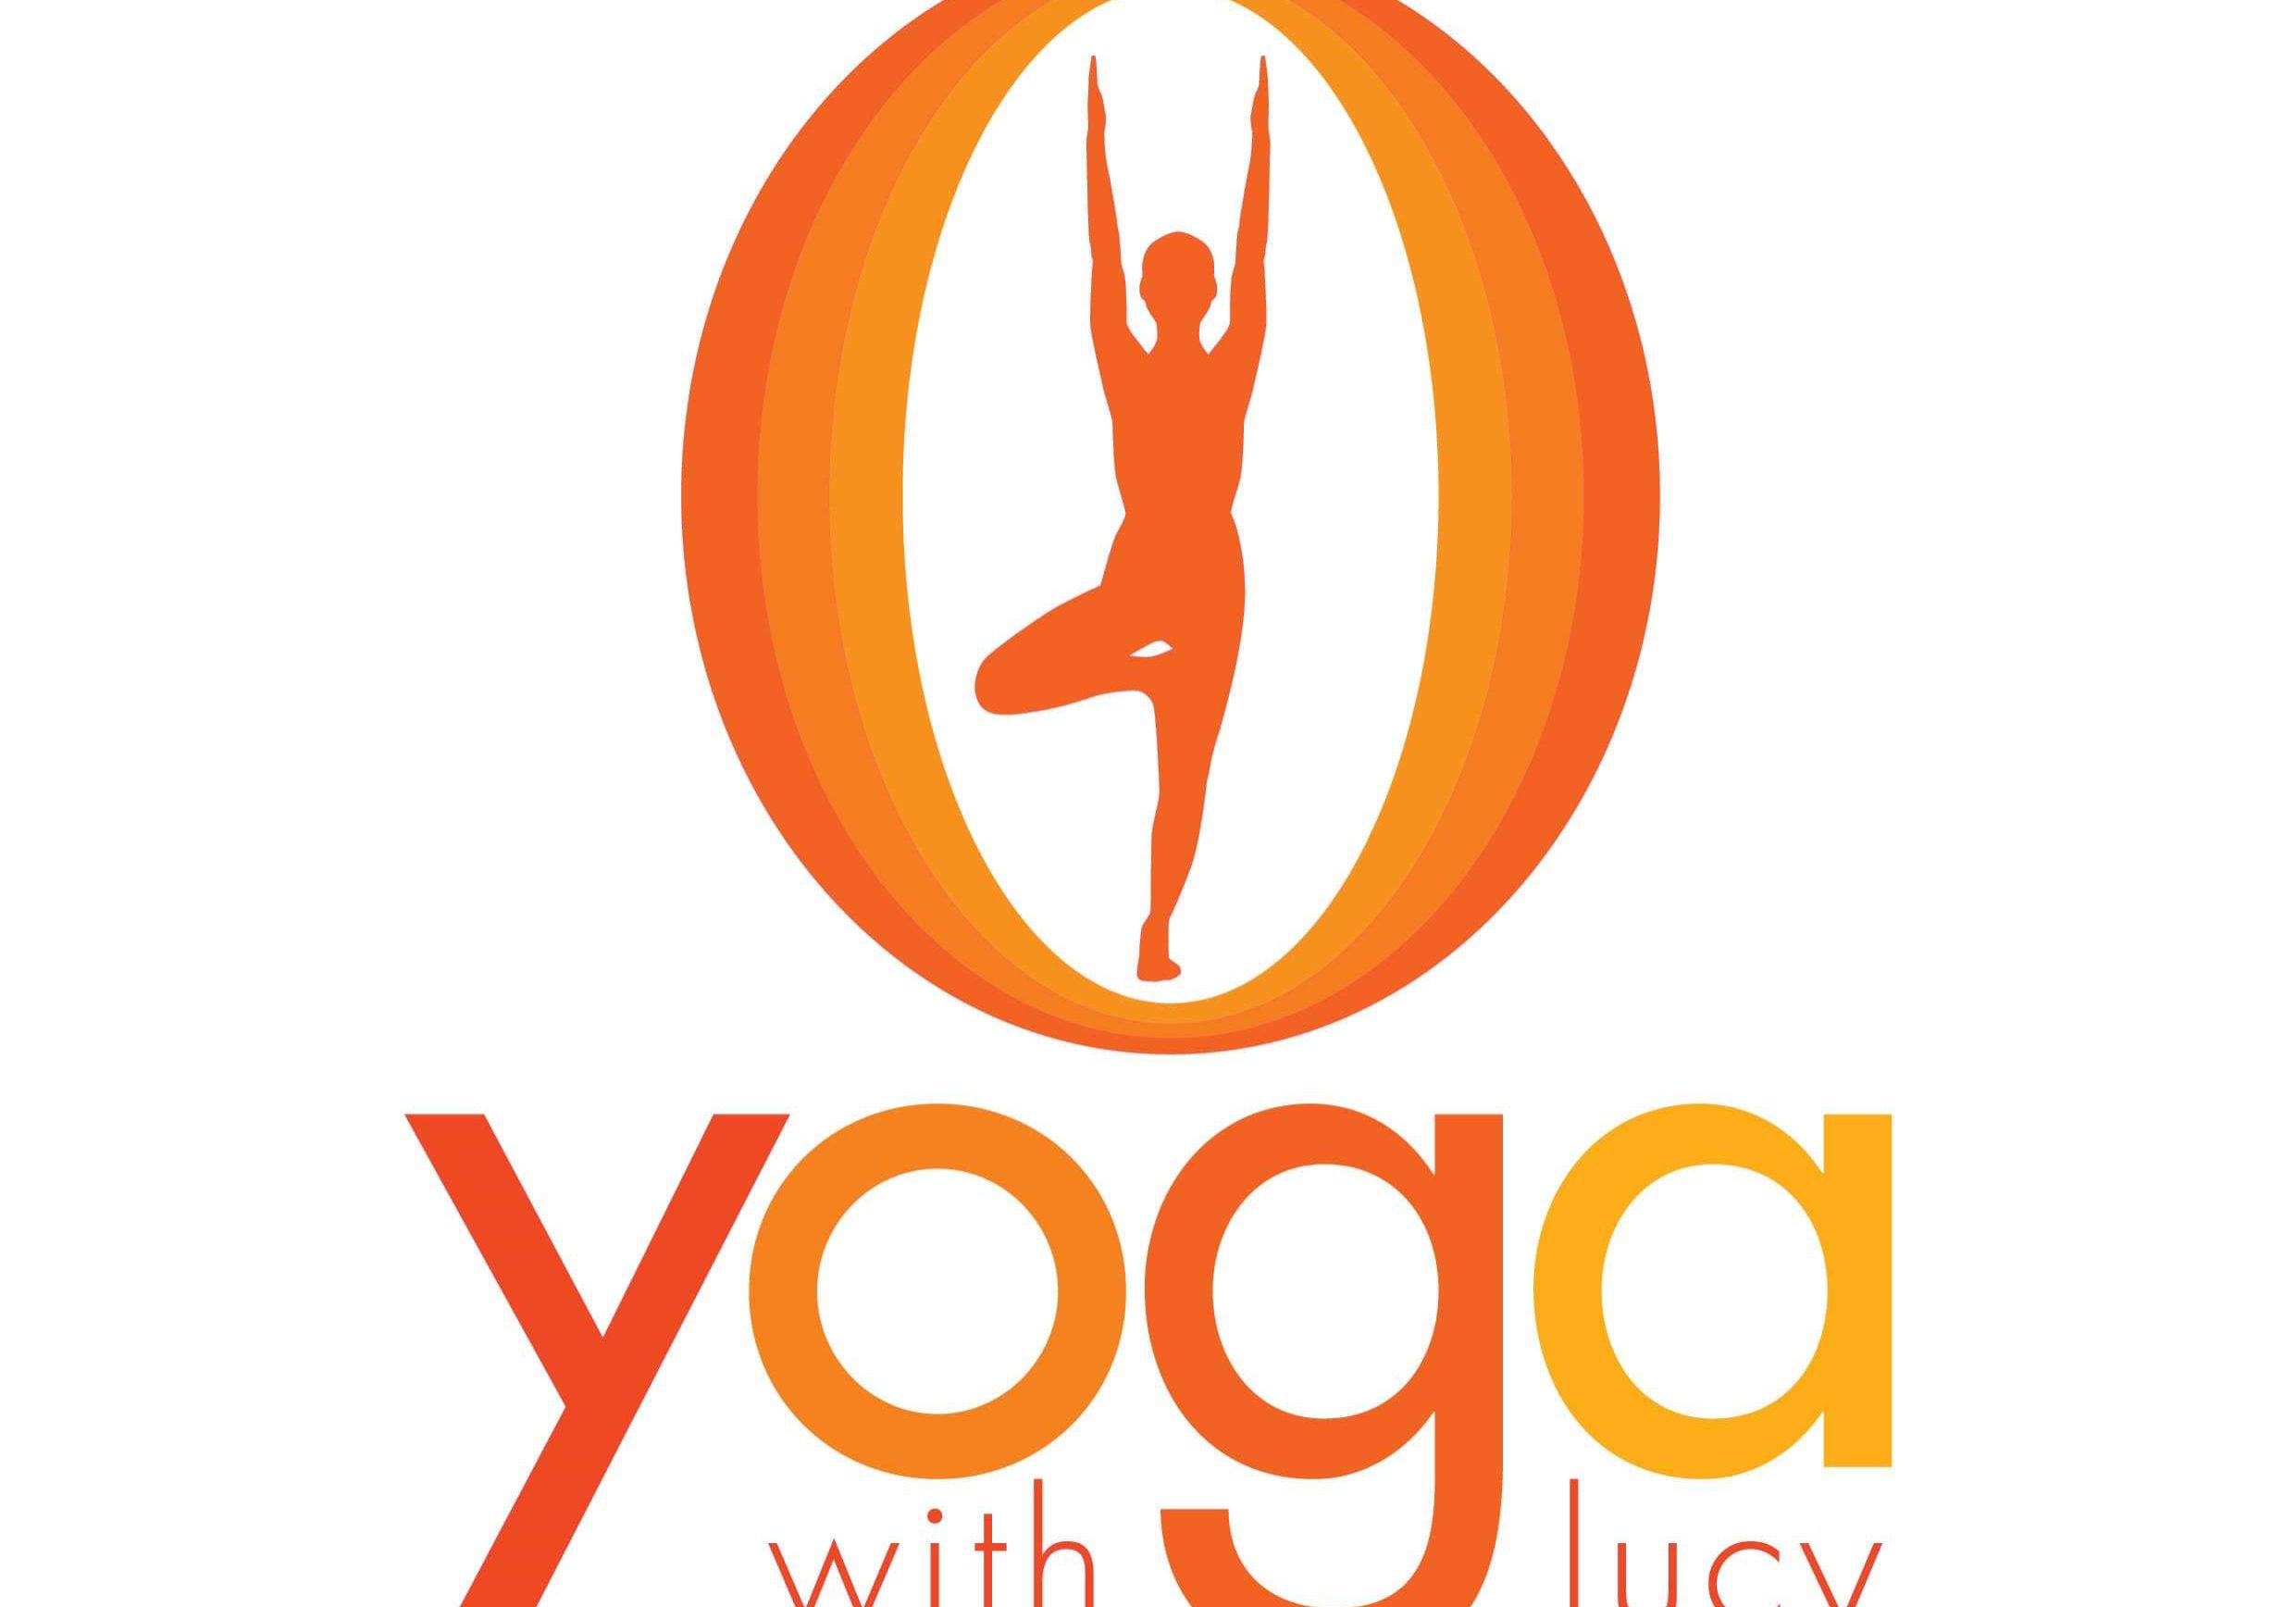 Yogawithlucyrlogo-3.jpg